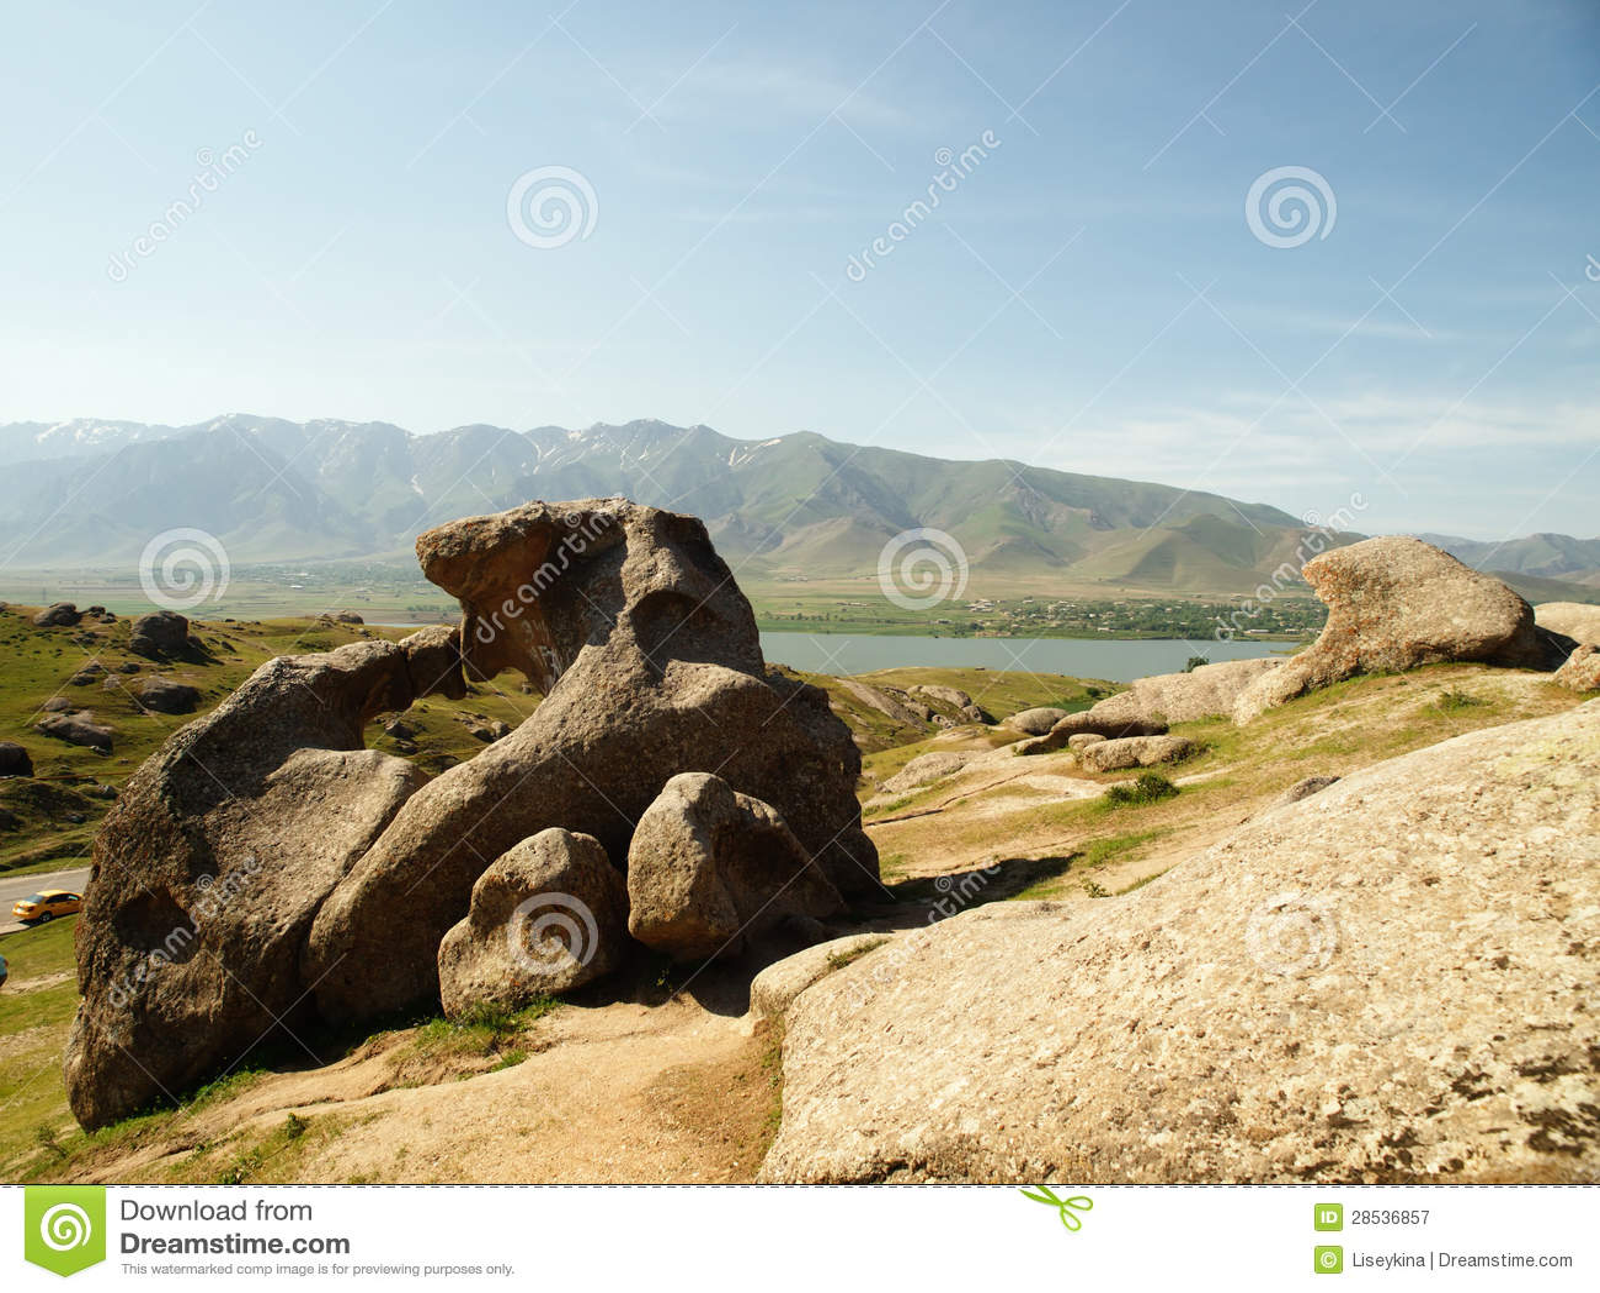 Landscape in Uzbekistan.